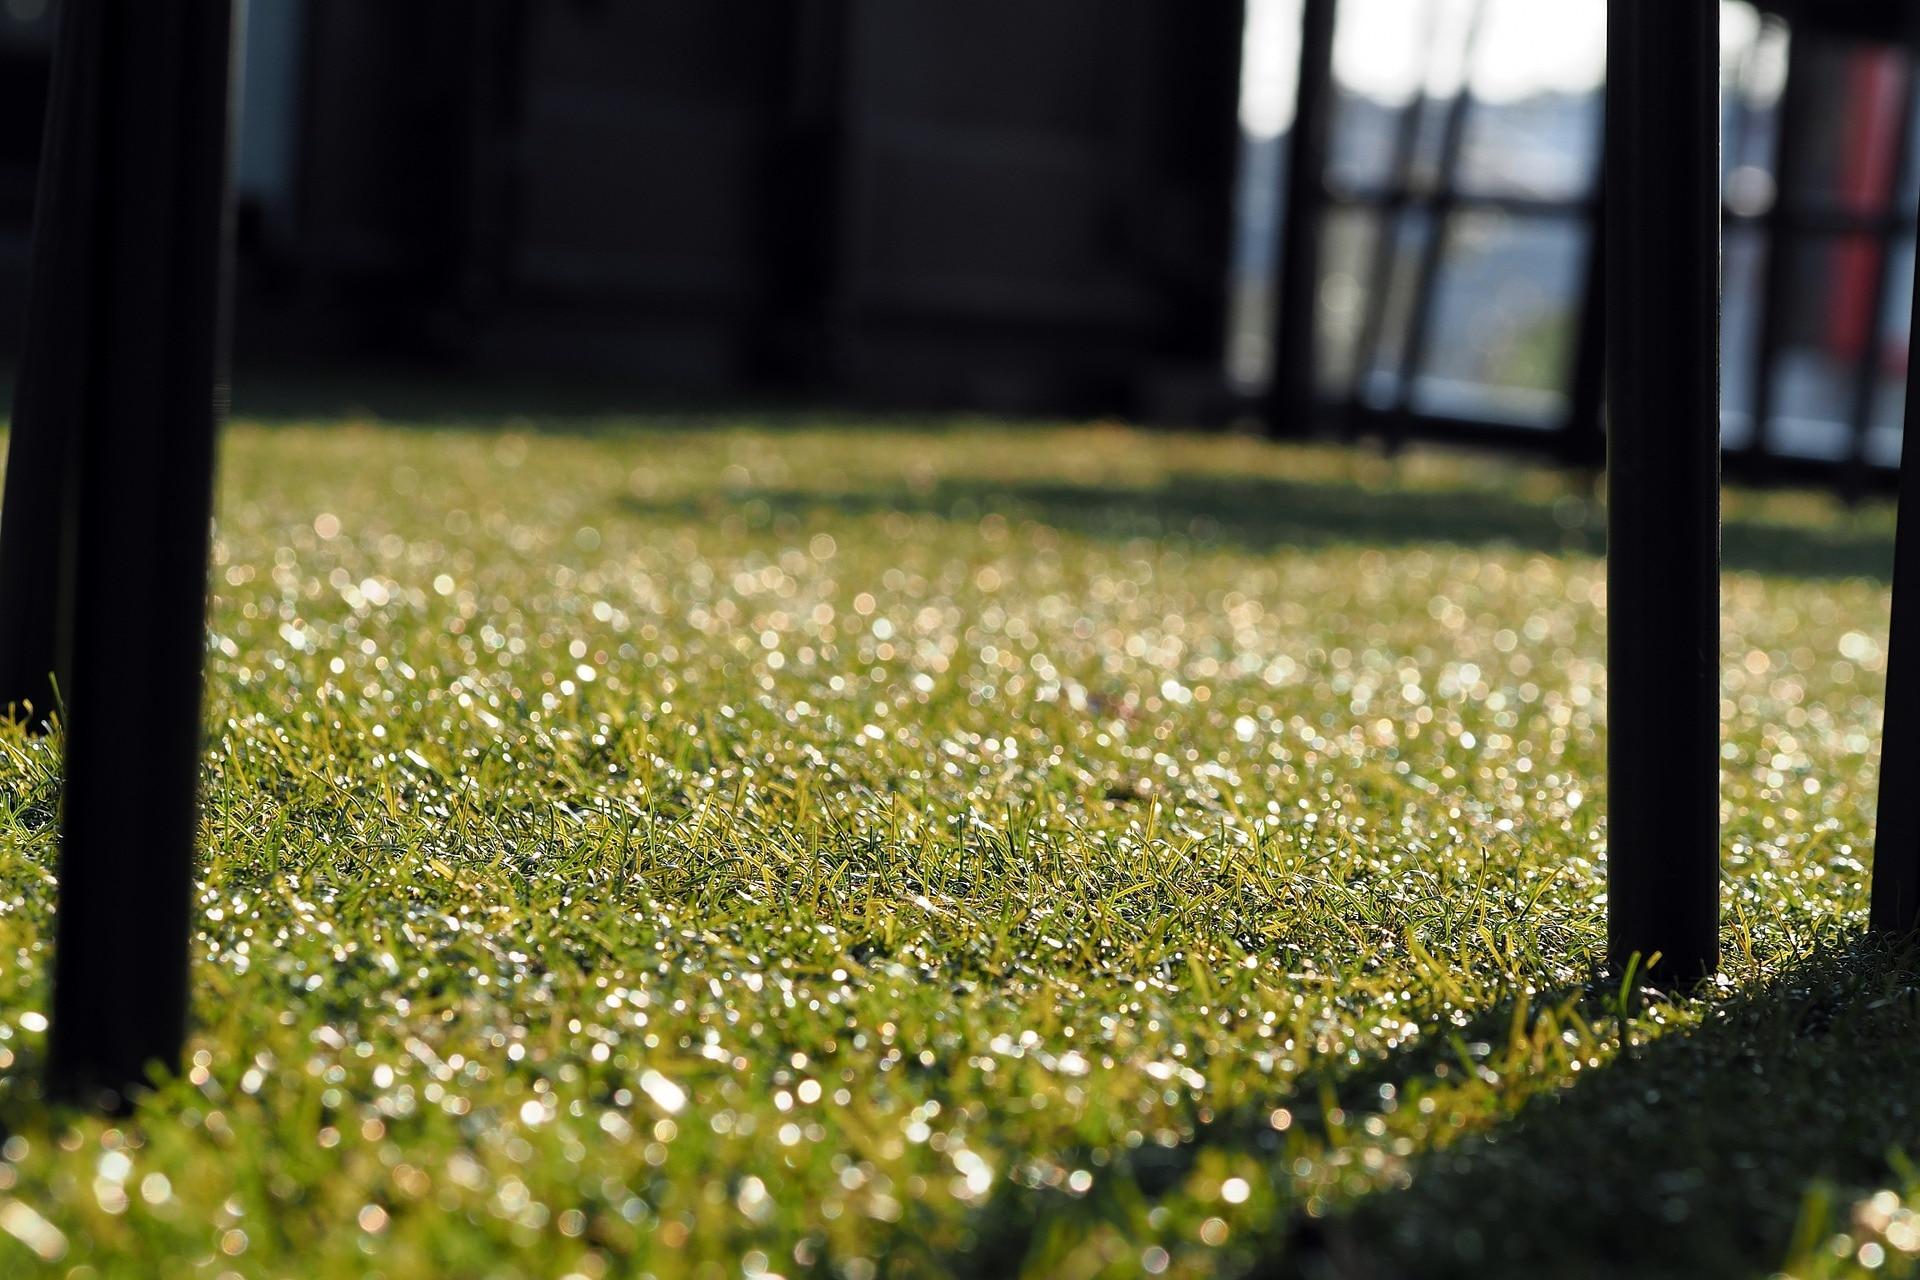 Hoy en el mercado existen alternativas de alfombras de césped sintético con aspecto similar a las de césped natural. El efecto al pisarlo no es el mismo, pero entre colocarlo o no, la decisión de incorporarlo puede ofrecer algunas ventajas.